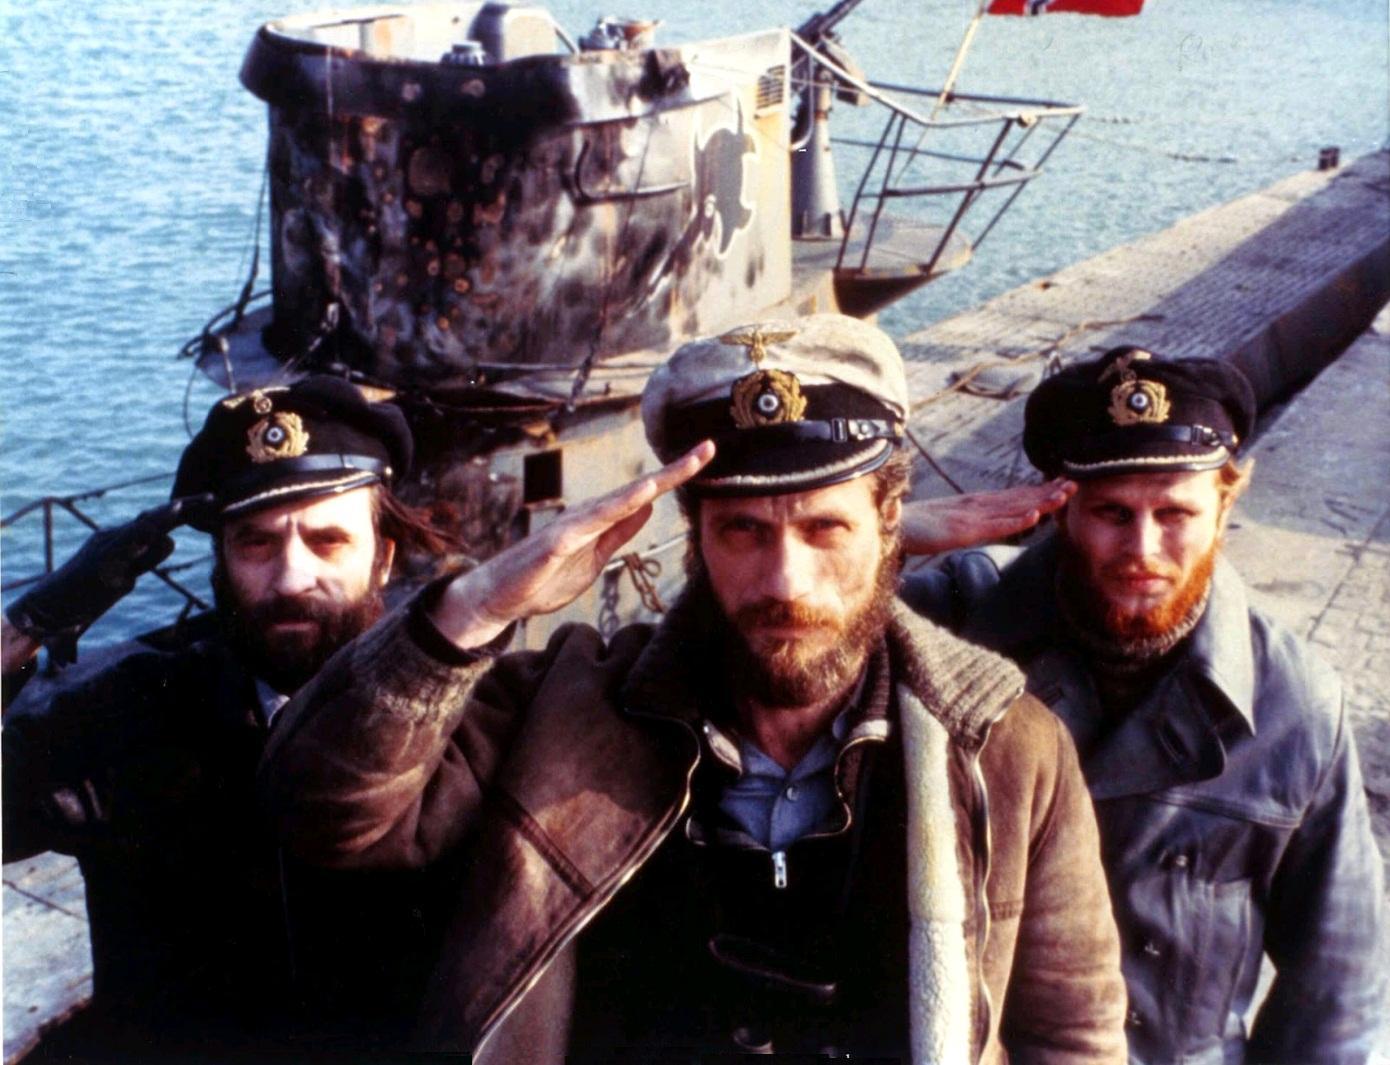 Luchshie-filmyi-v-retsenziyah-Podvodnaya-lodka-Das-Boot-1981-1